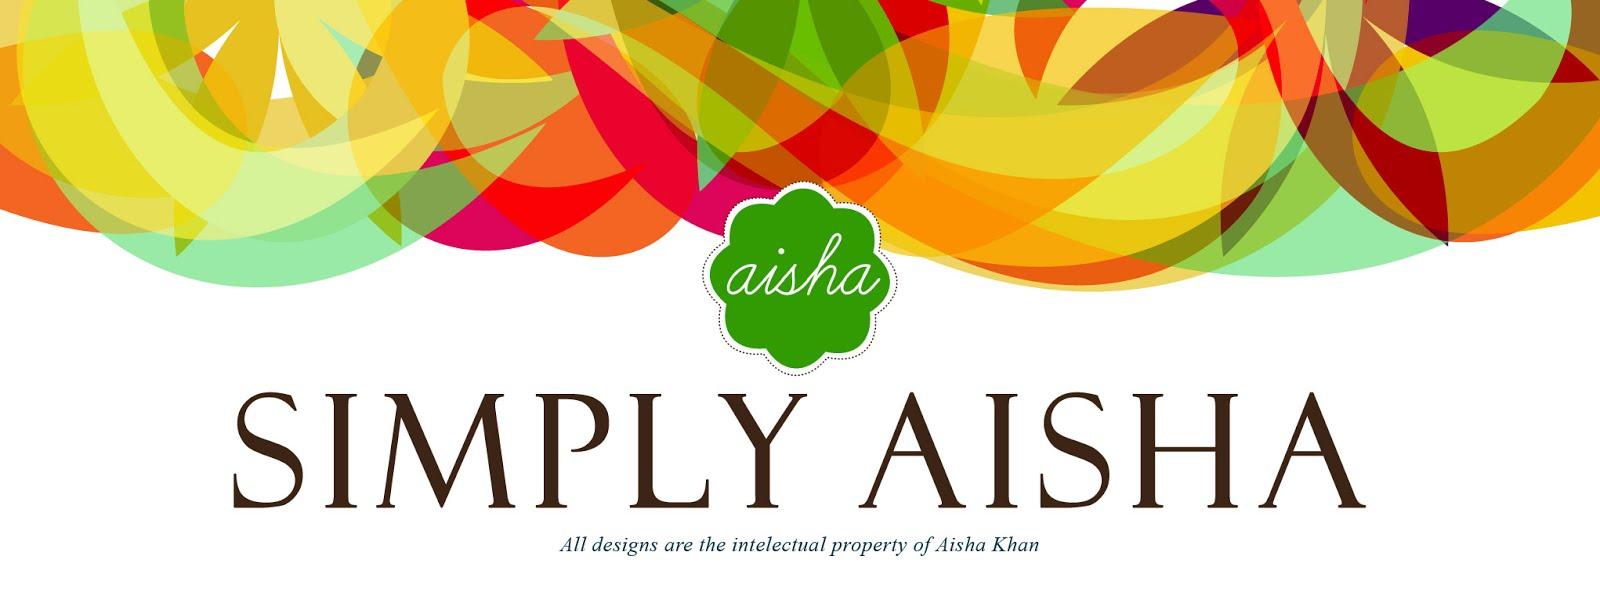 Simply Aisha